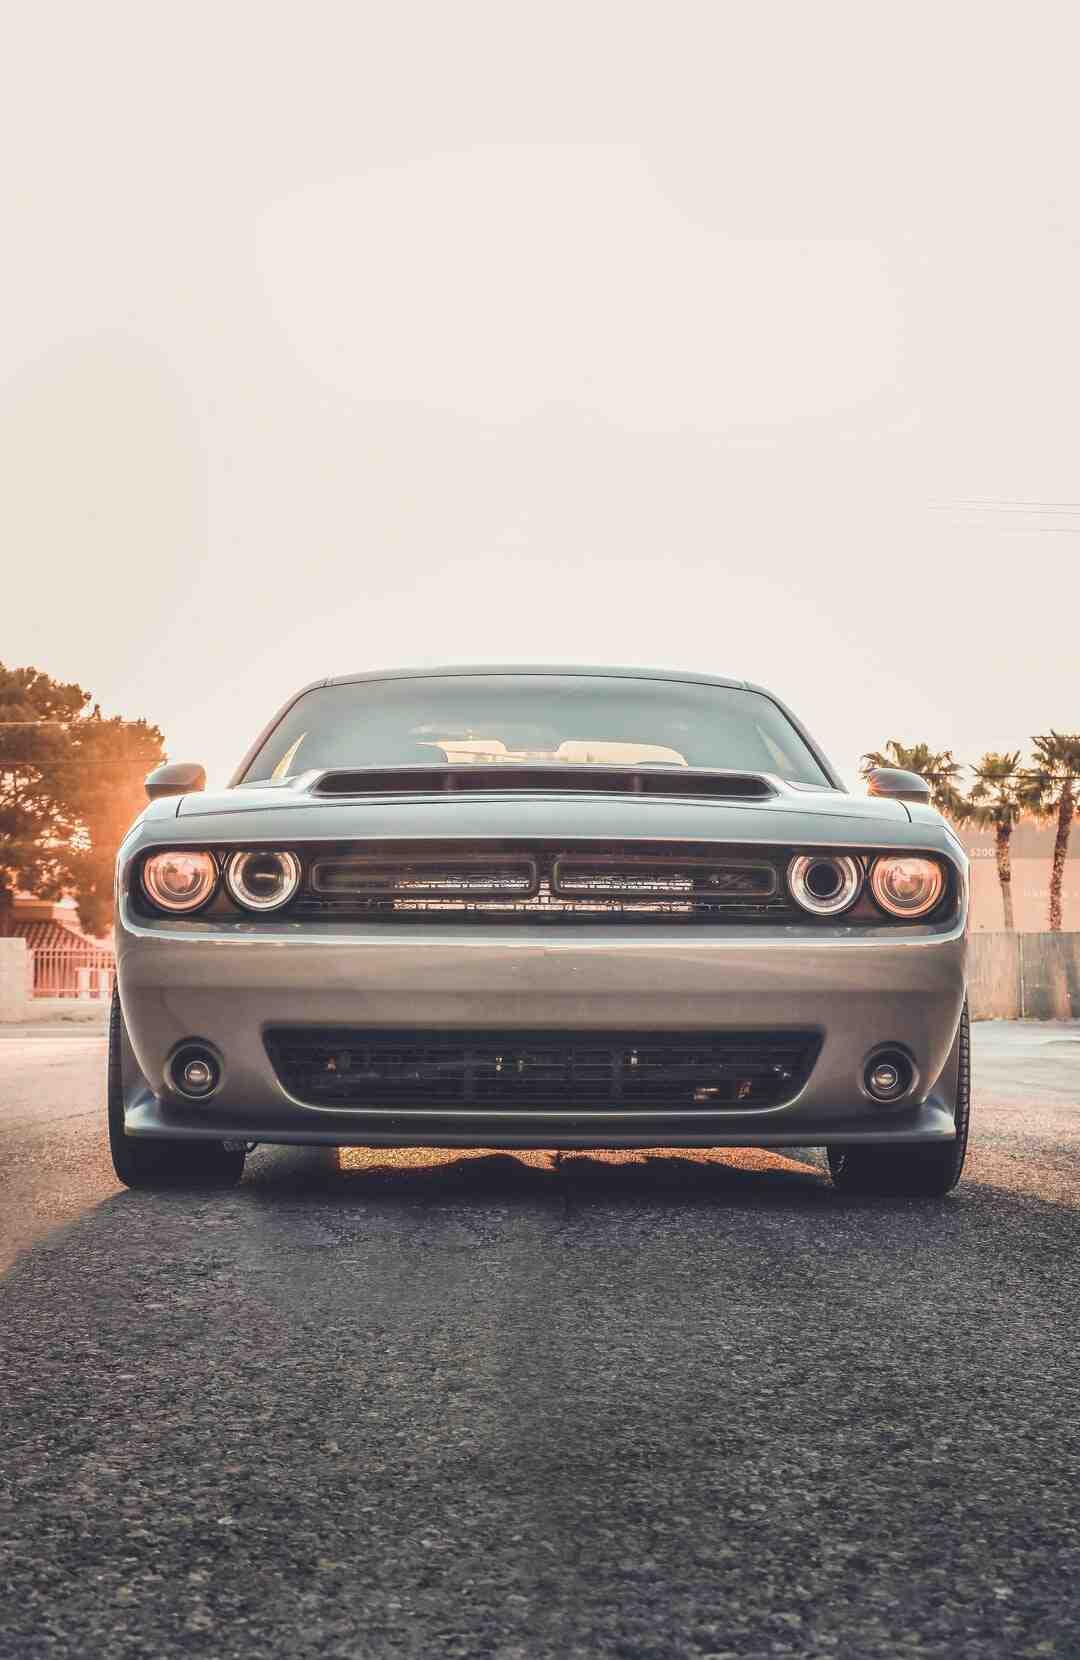 Comment acheter et vendre des voitures afin de réaliser un bénéfice